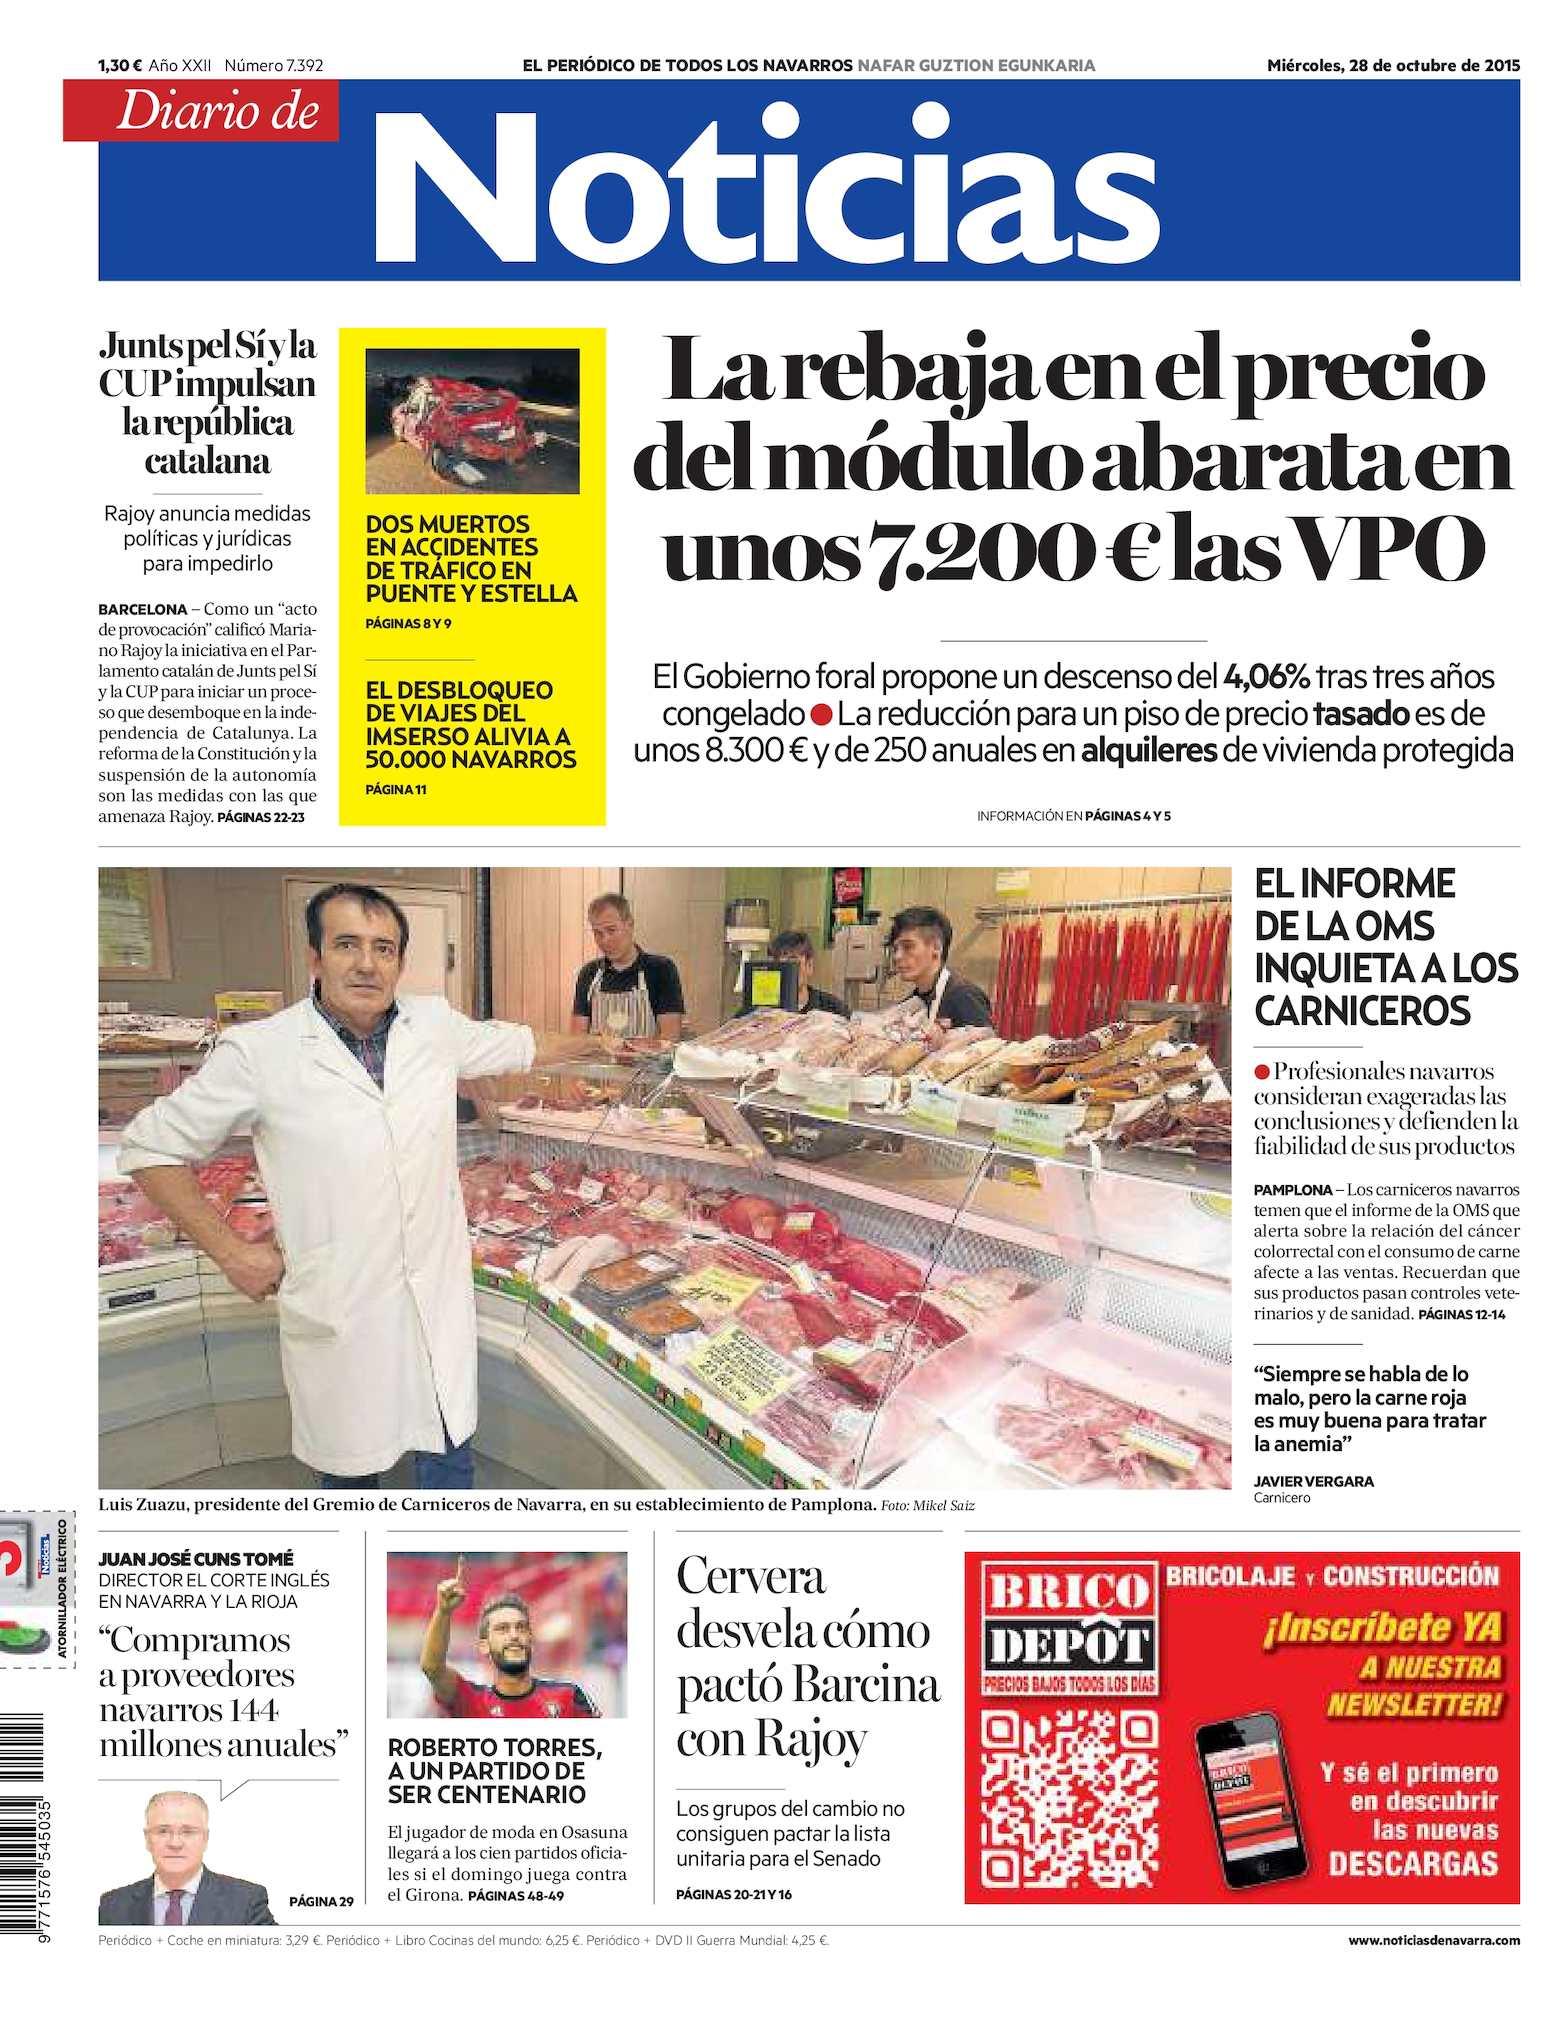 Solteros catolicos Valencia marca